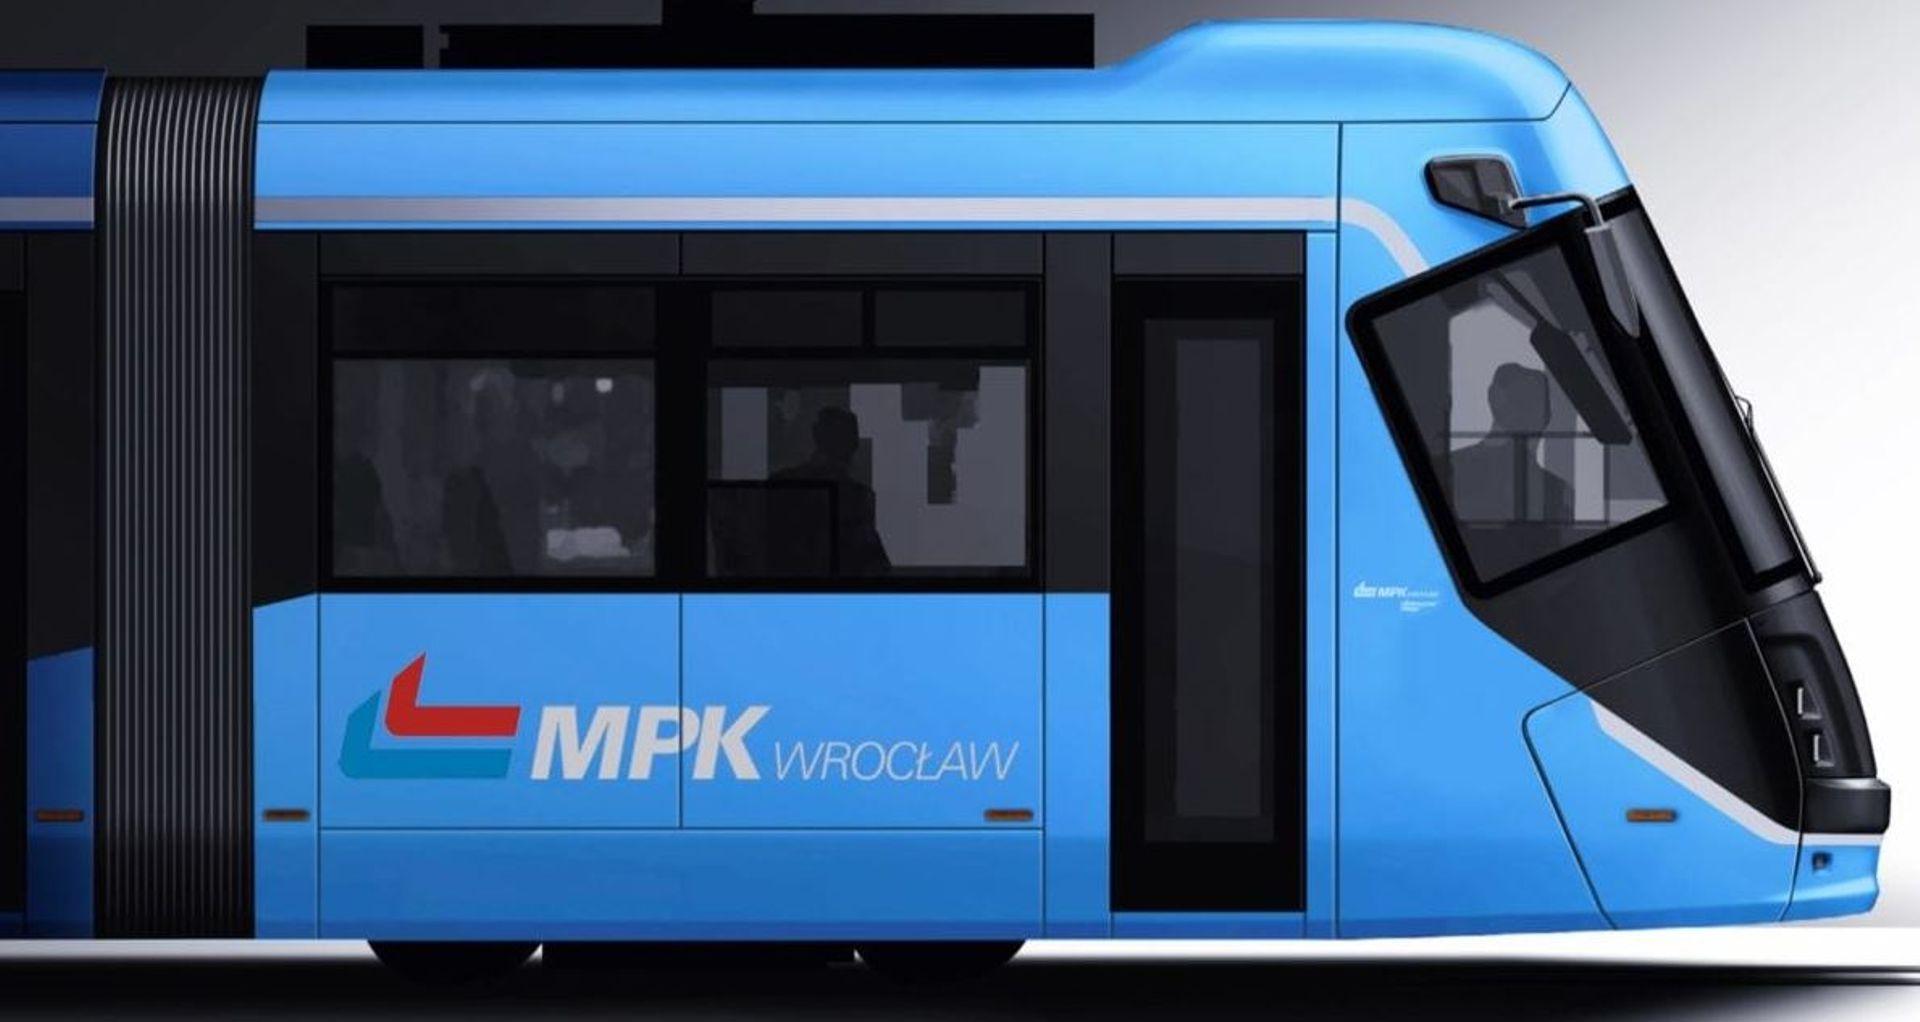 Tak po remoncie będą wyglądały tramwaje škoda 16T. MPK Wrocław zaprezentowało nowe wizualizacje